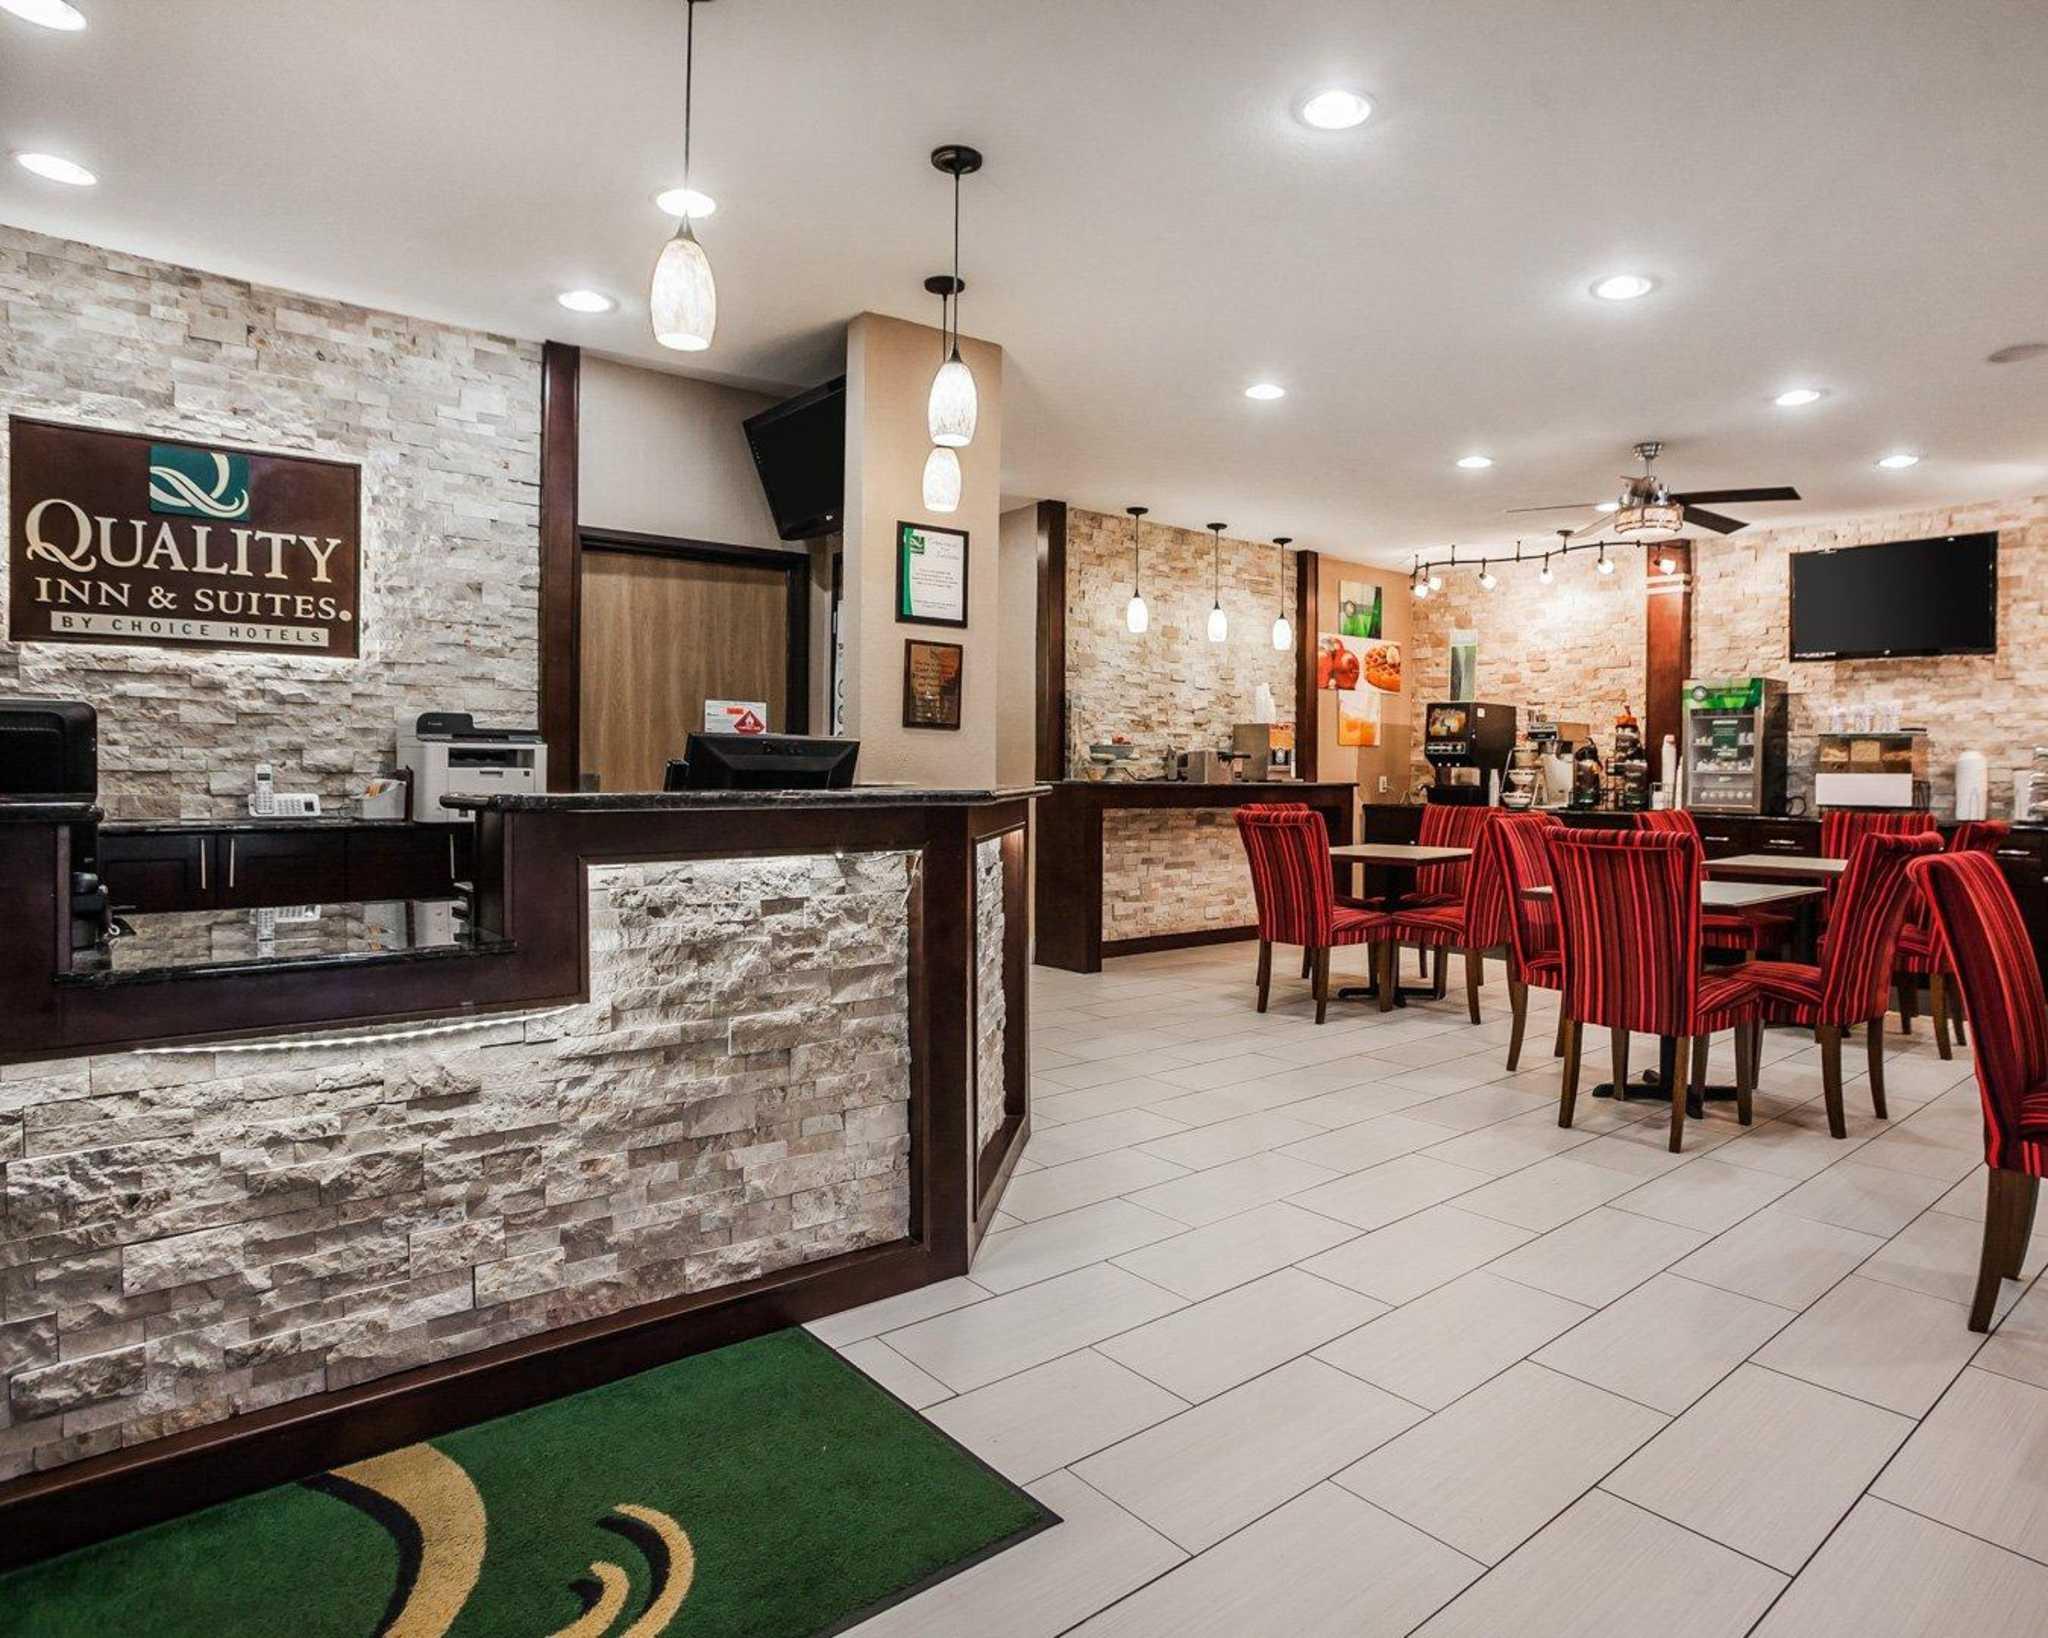 Quality Inn & Suites Des Moines Airport image 17